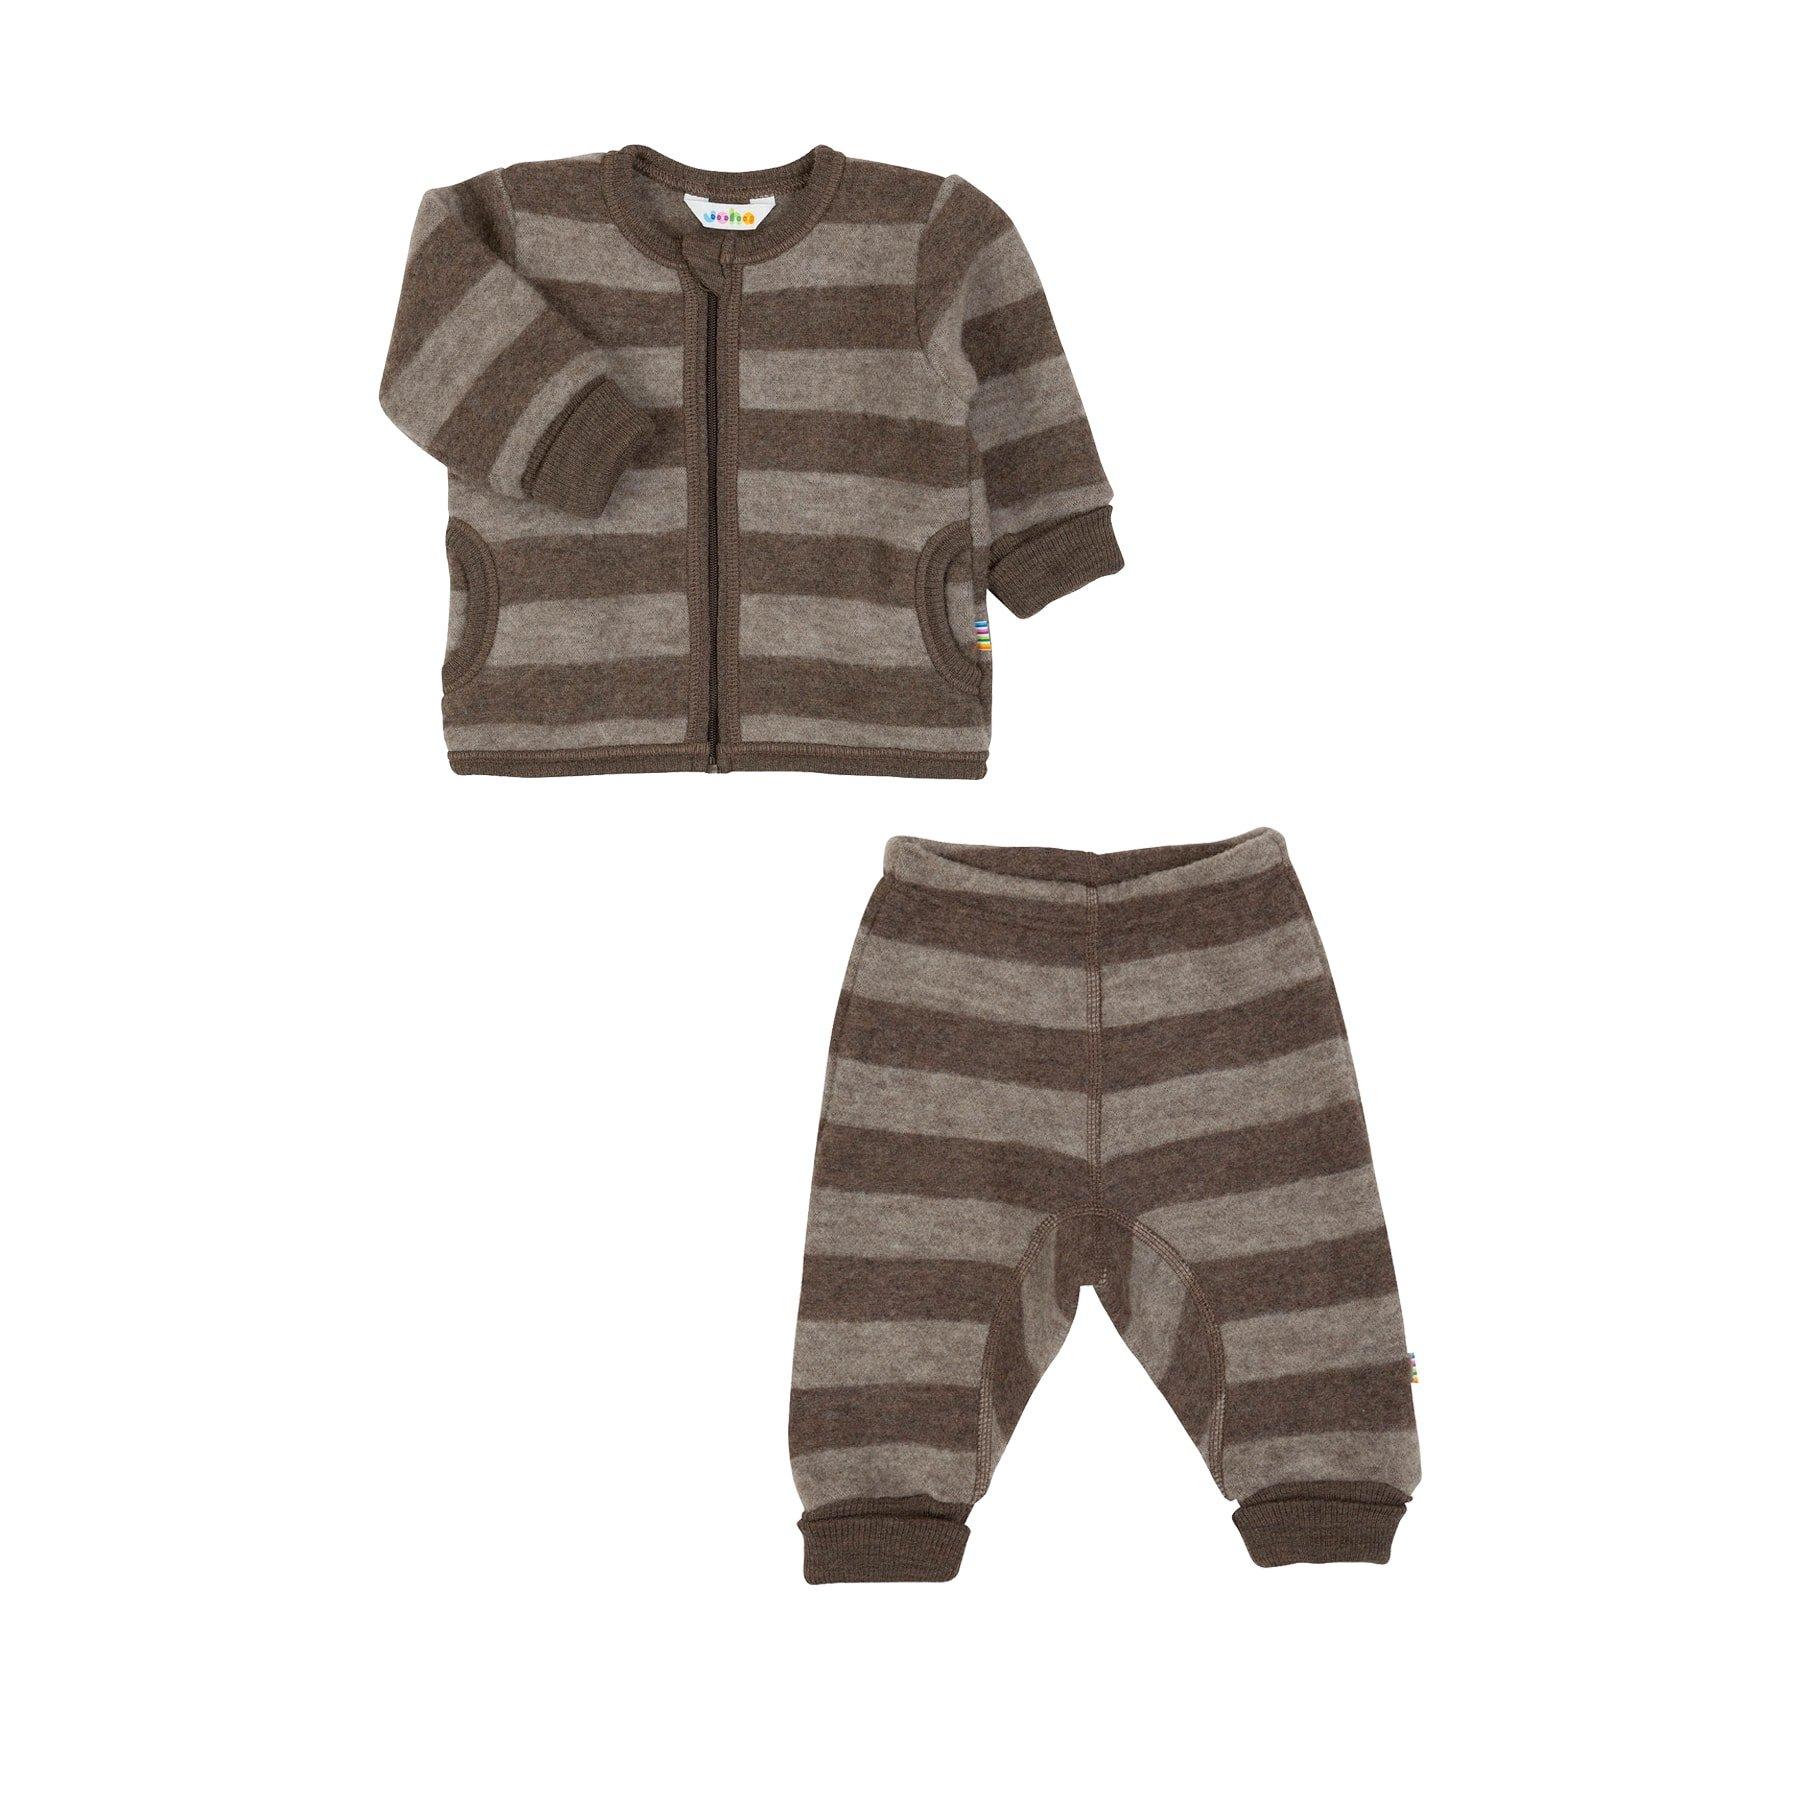 699a661b Sæt af jakke og bukser i uldfleece. Brune striber. Ret blød og varm  softuld. Tilbud